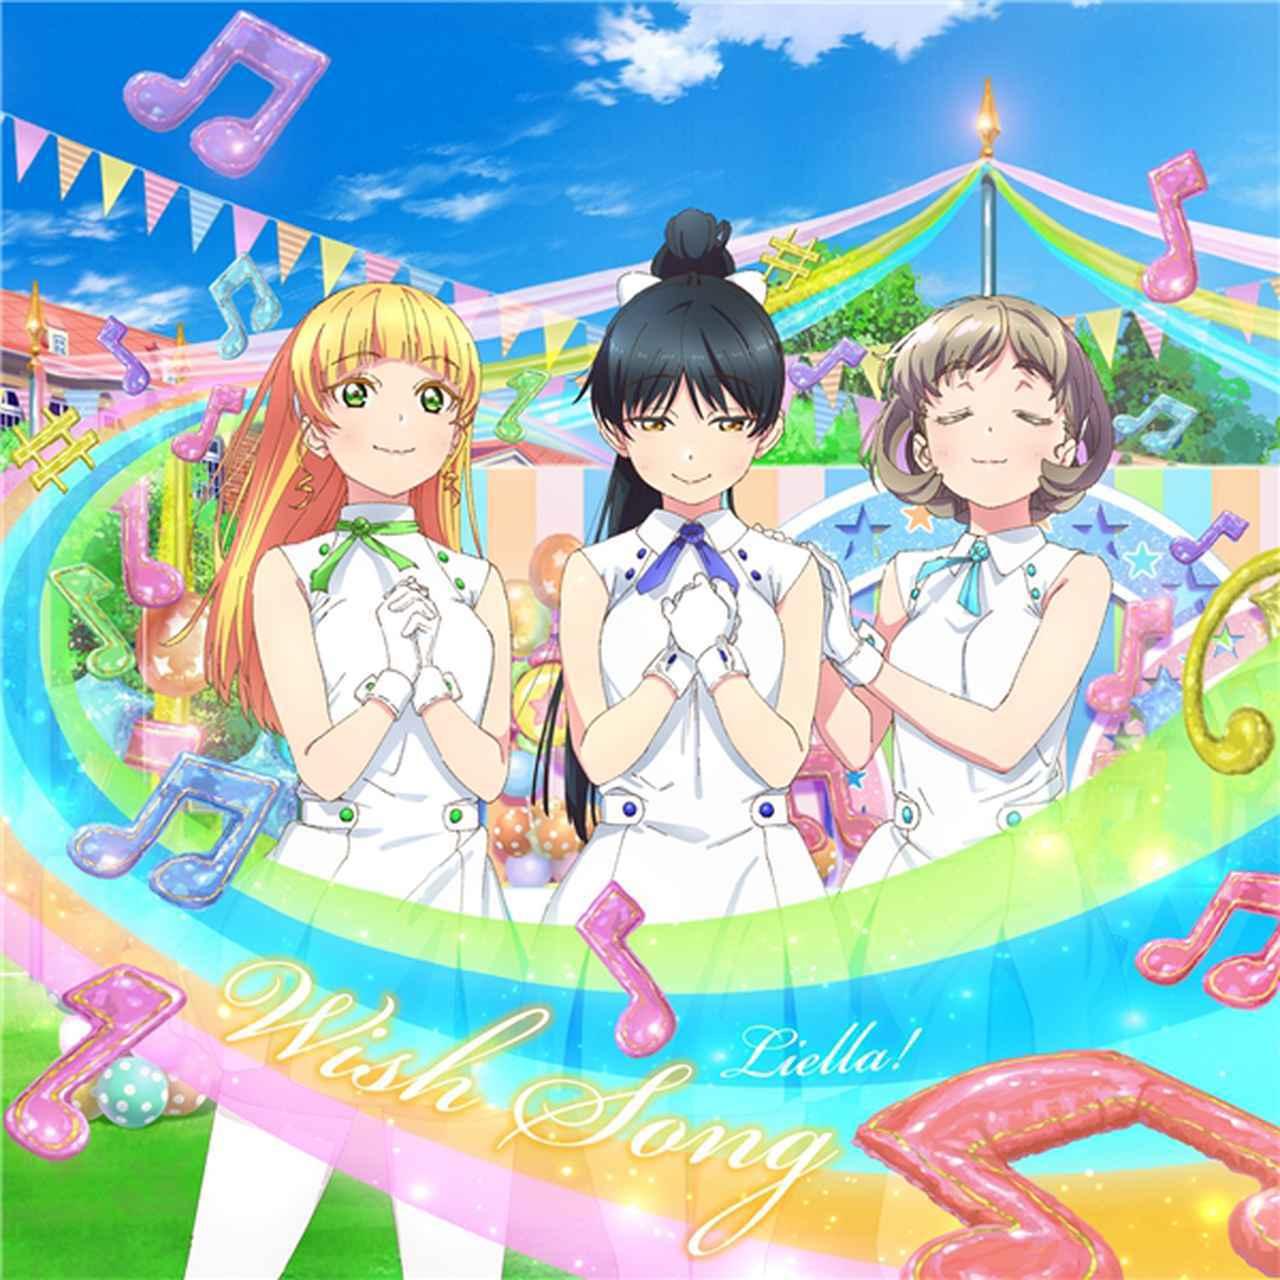 画像: 常夏☆サンシャイン / Wish Song【第8話盤】 / Liella!